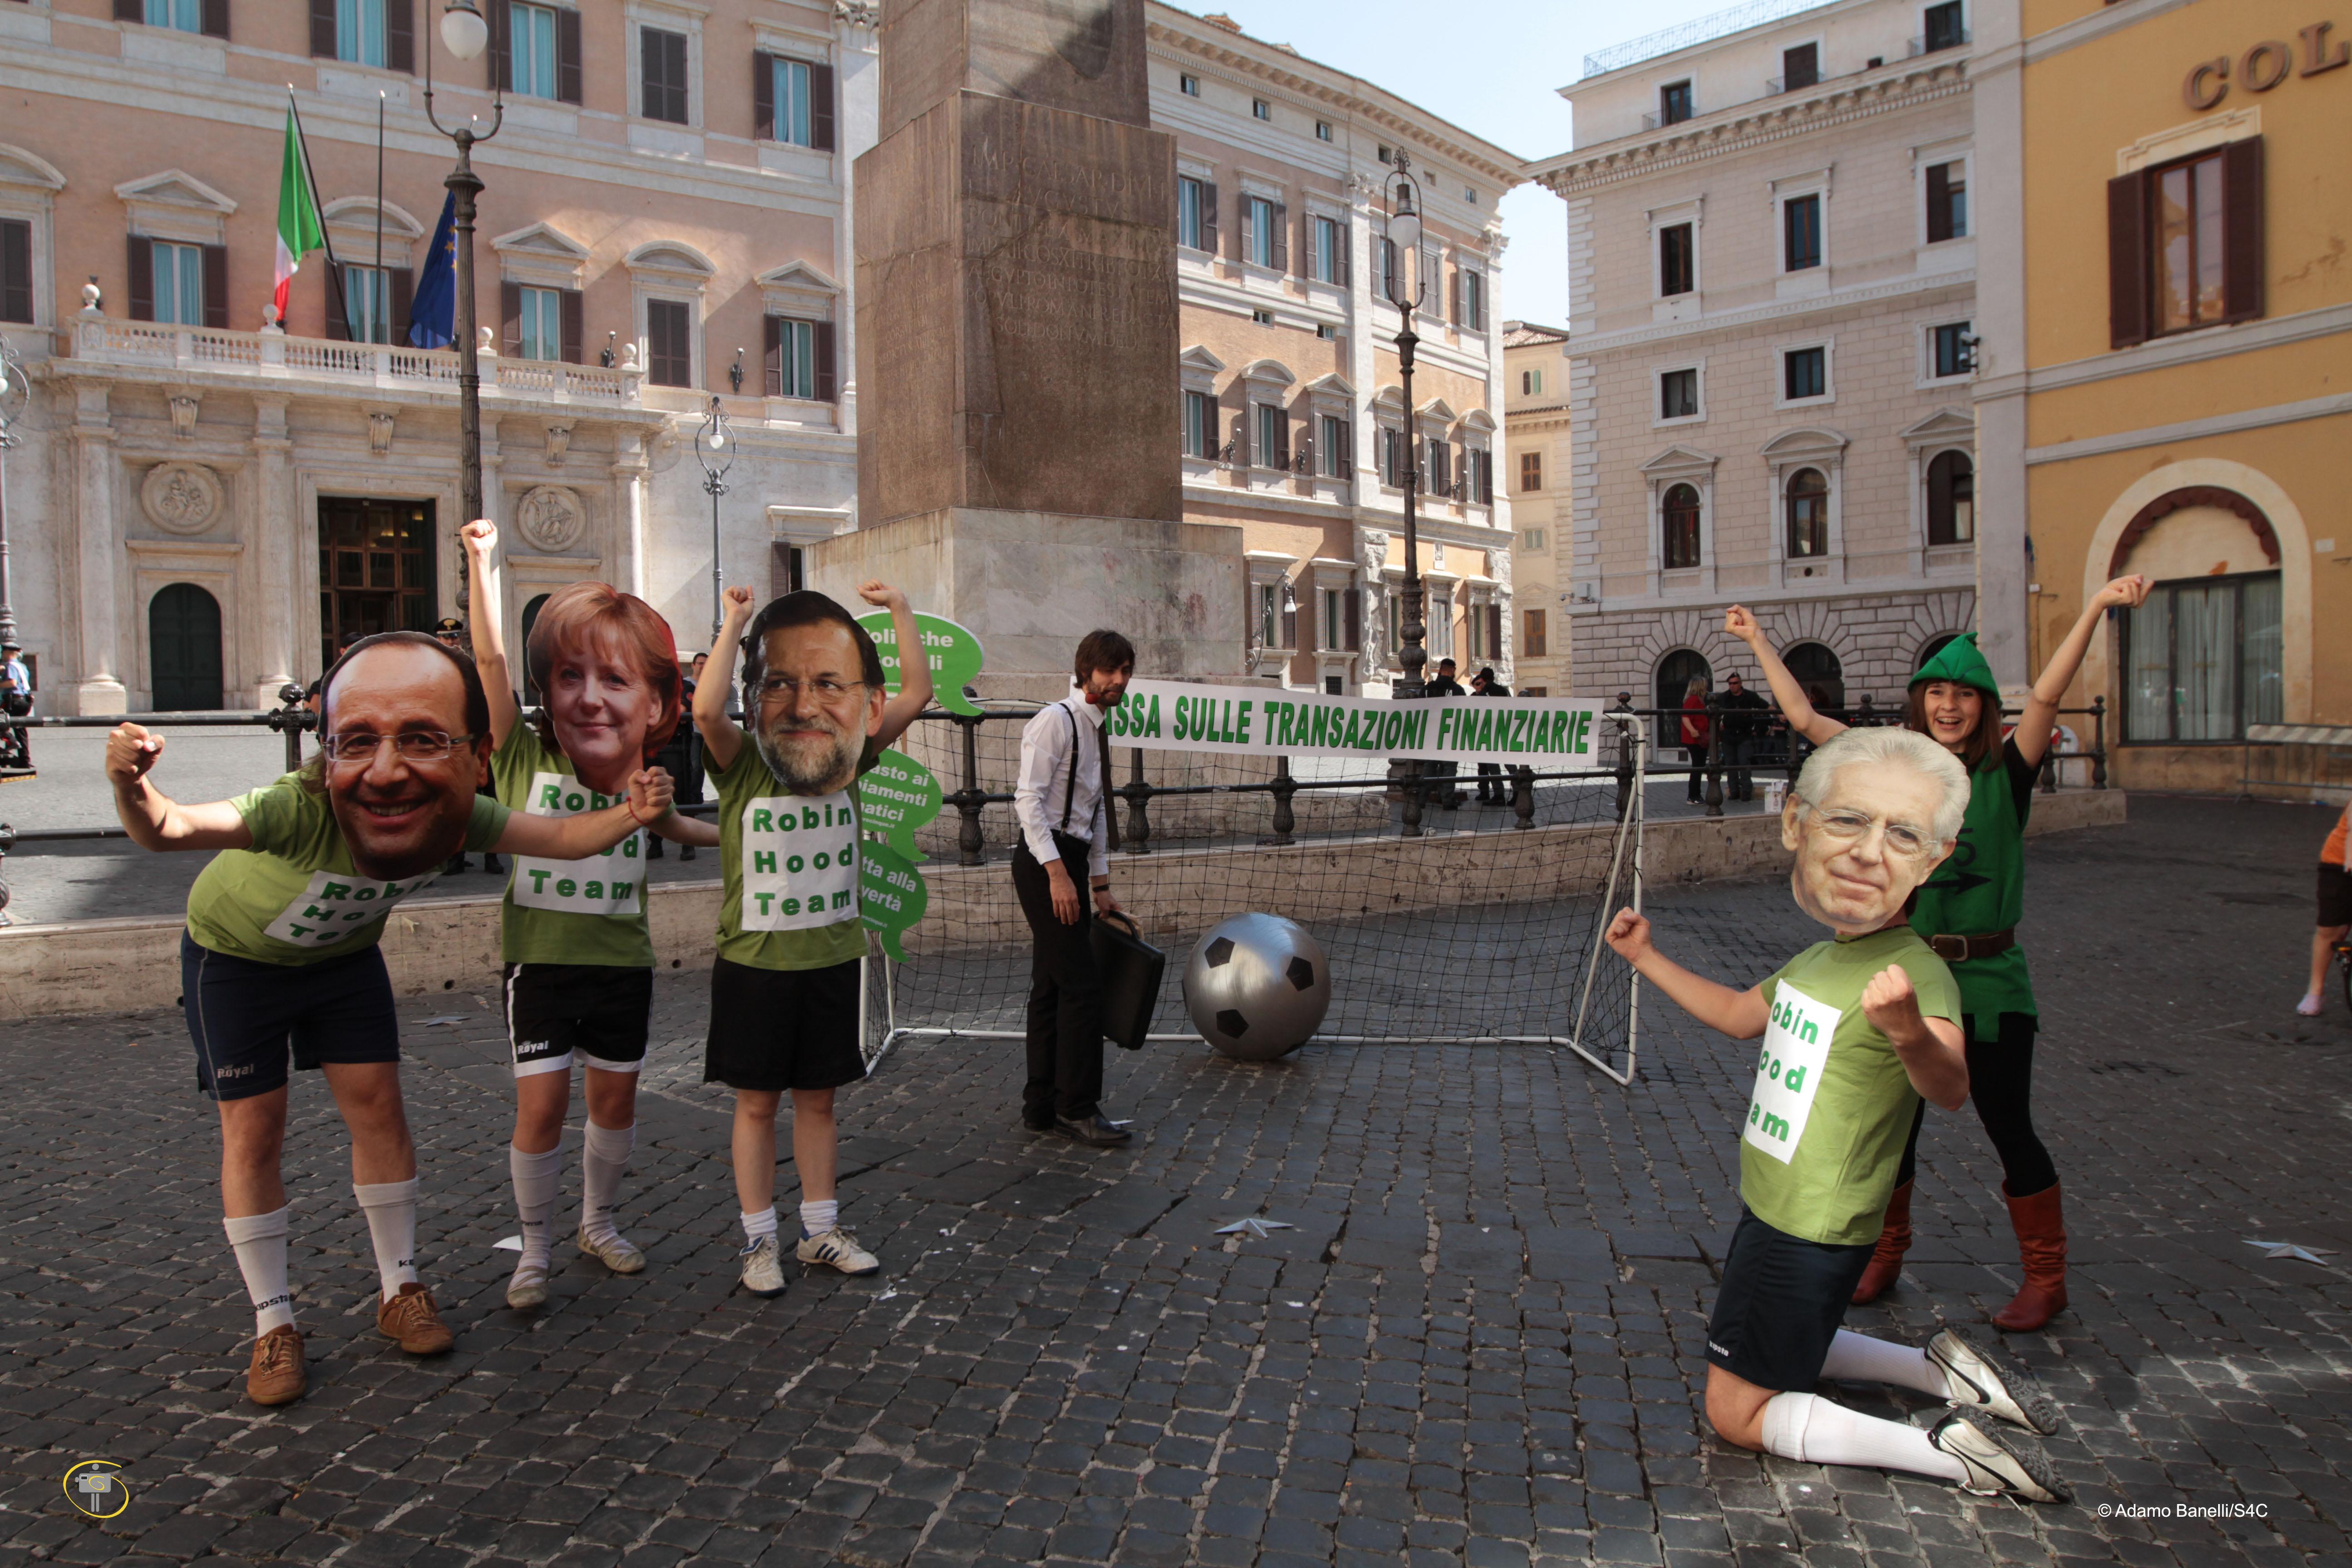 Manifestazione del 22 giugno 2012 a piazza Montecitorio a Roma